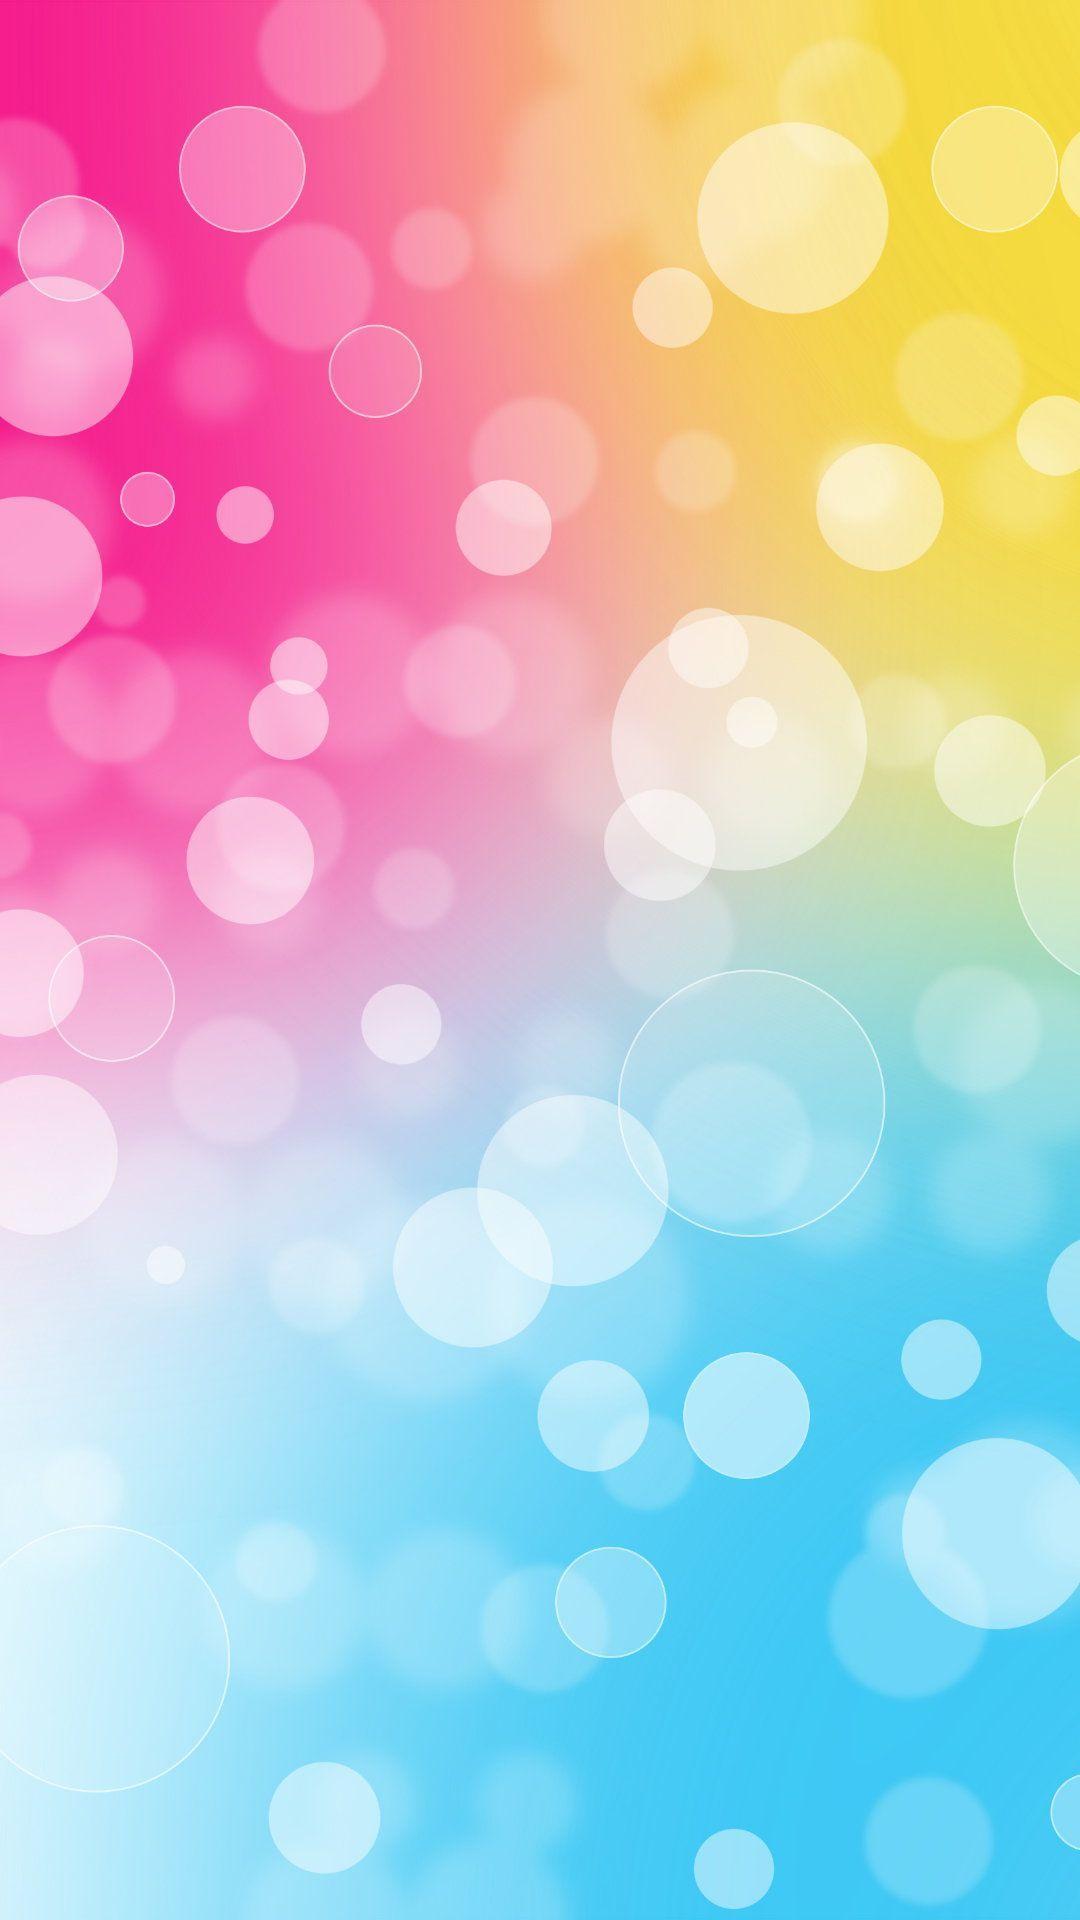 Images Wallpapers, Wallpapers, Mandalas, Wallpaper Colori